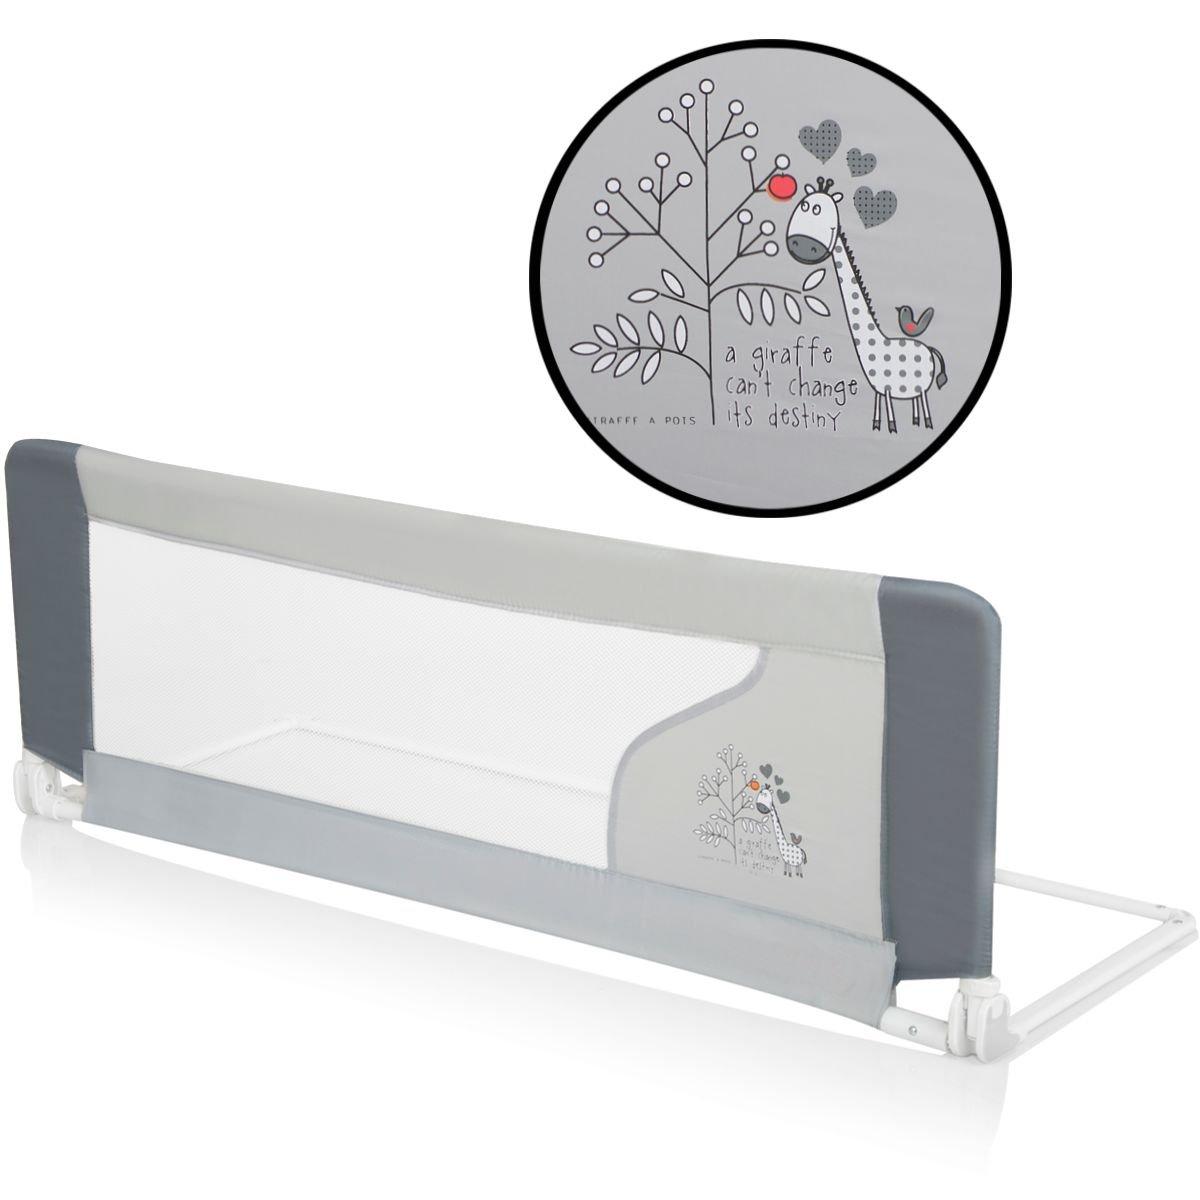 Bettschutzgitter Bettgitter GIRAFFE (120 x 40 cm) für Kinderbett Stimo24